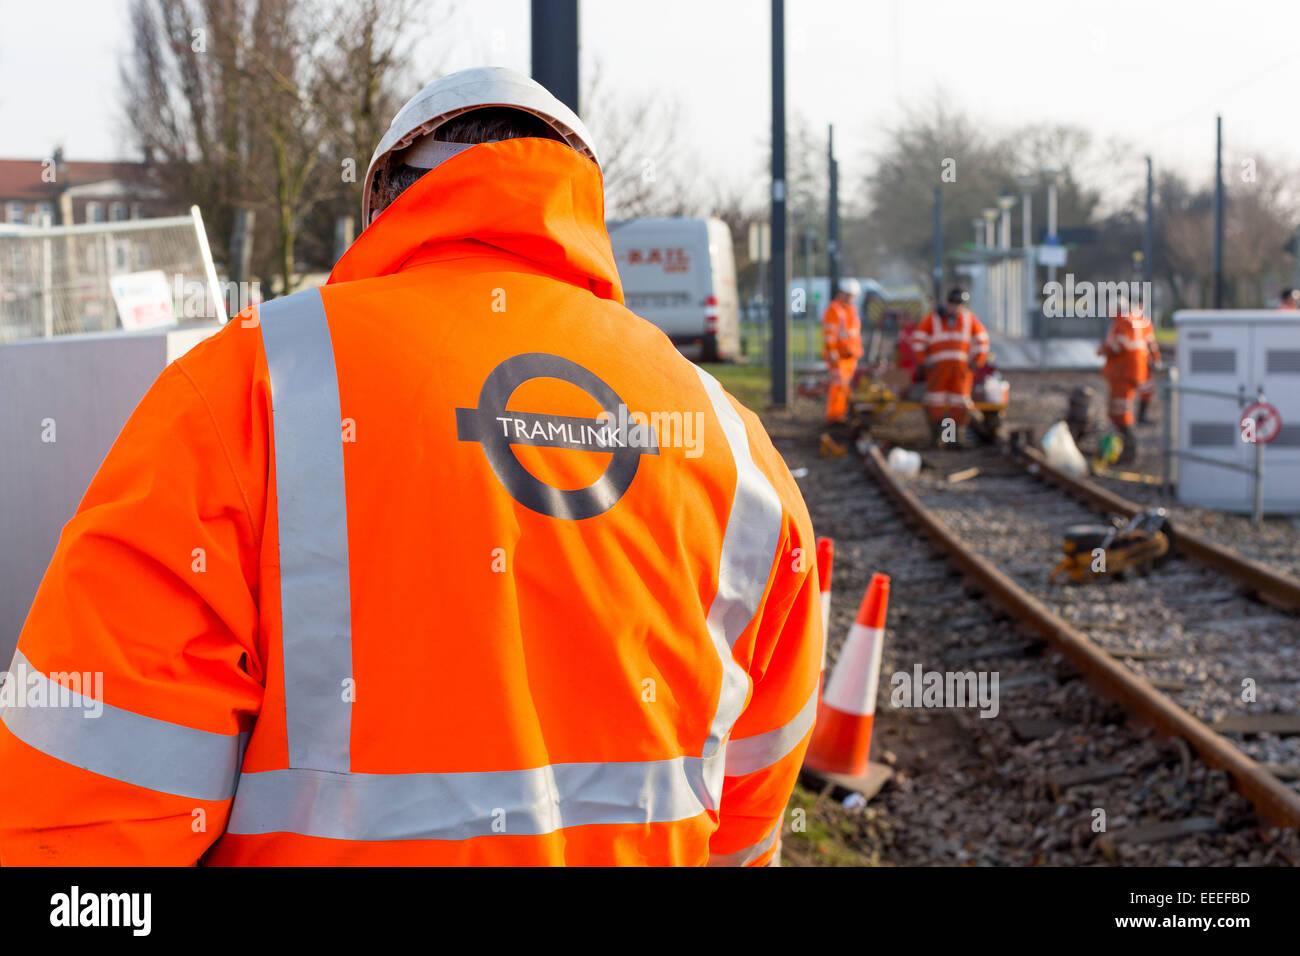 Tramlink-Verbesserung arbeitet an neuen Addington Stockbild